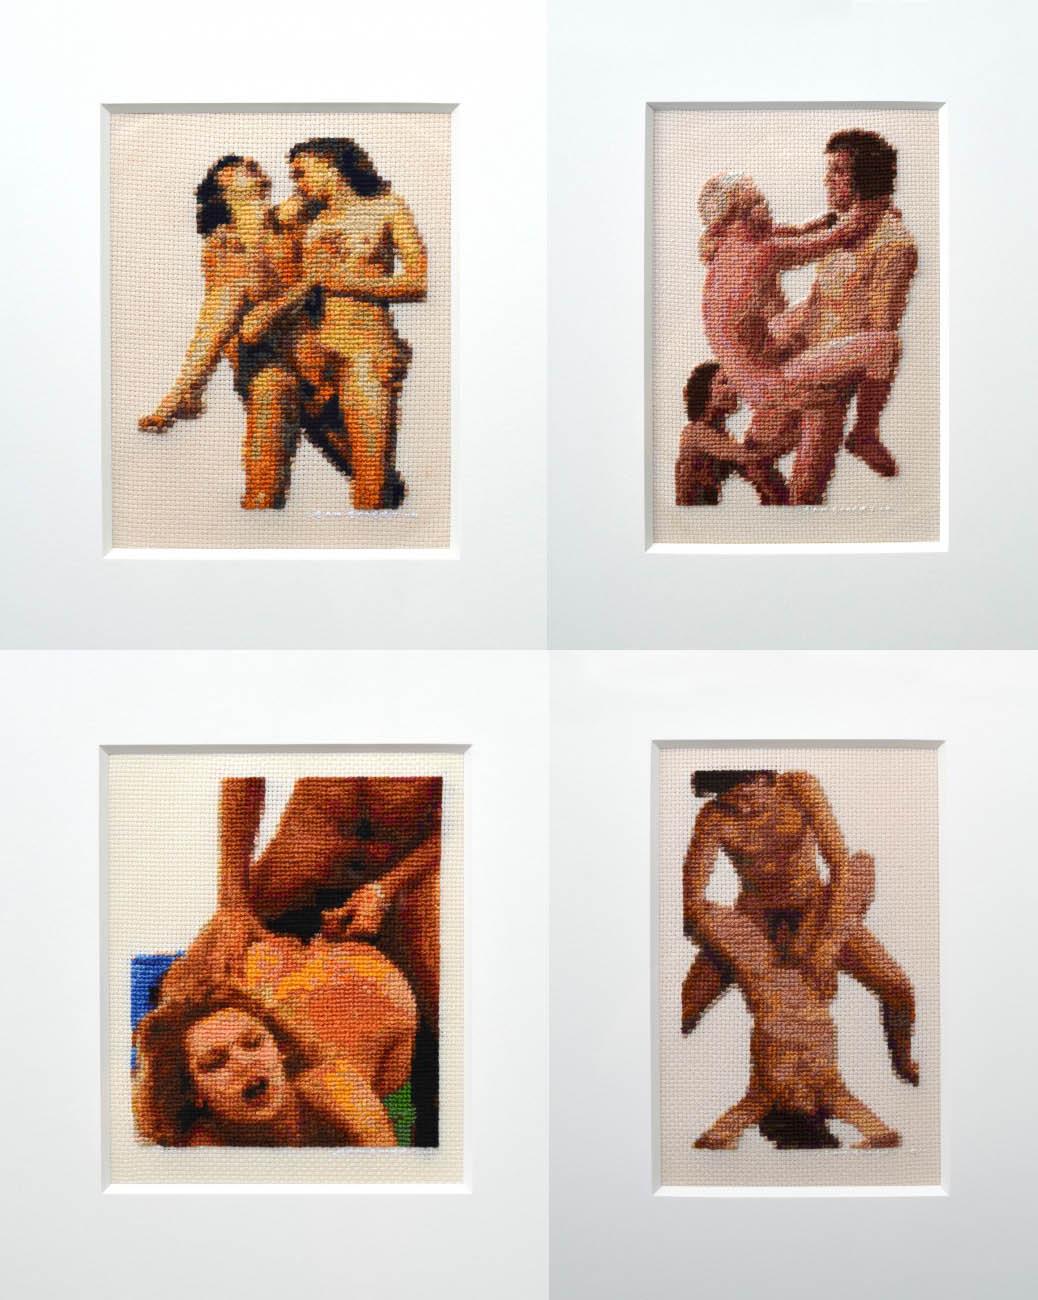 nederlandse porno nl sex punt